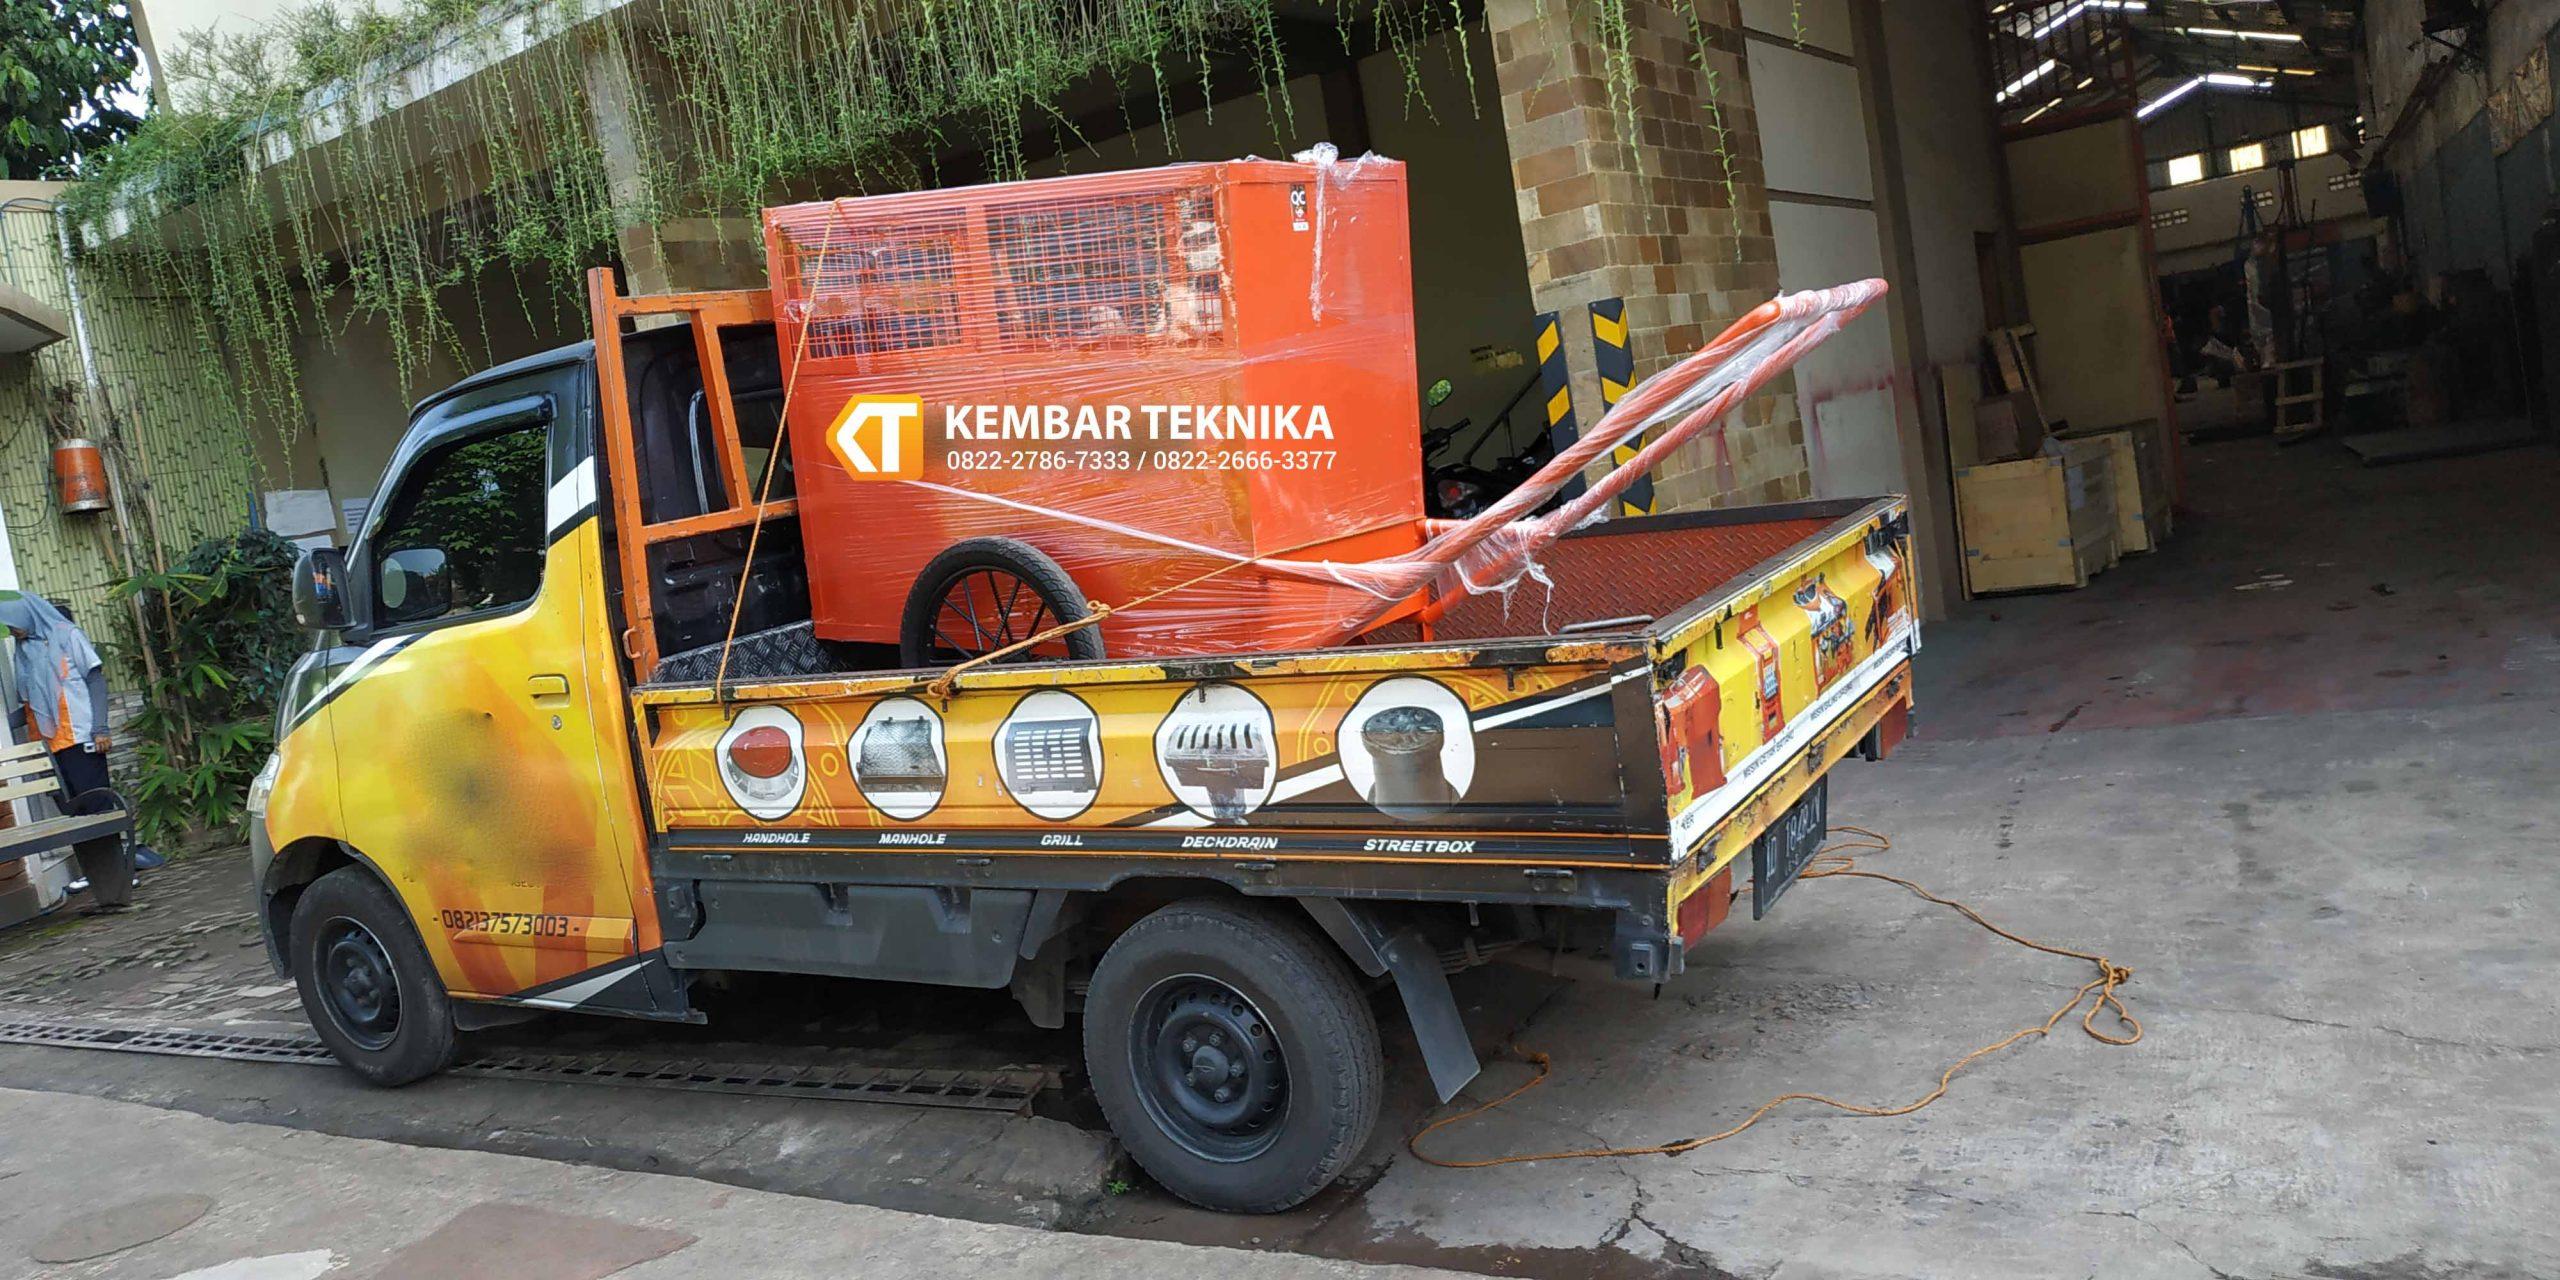 Pengiriman Gerobak Sampah Armada Khusus Siap Mengantar Tempat Pelanggan1